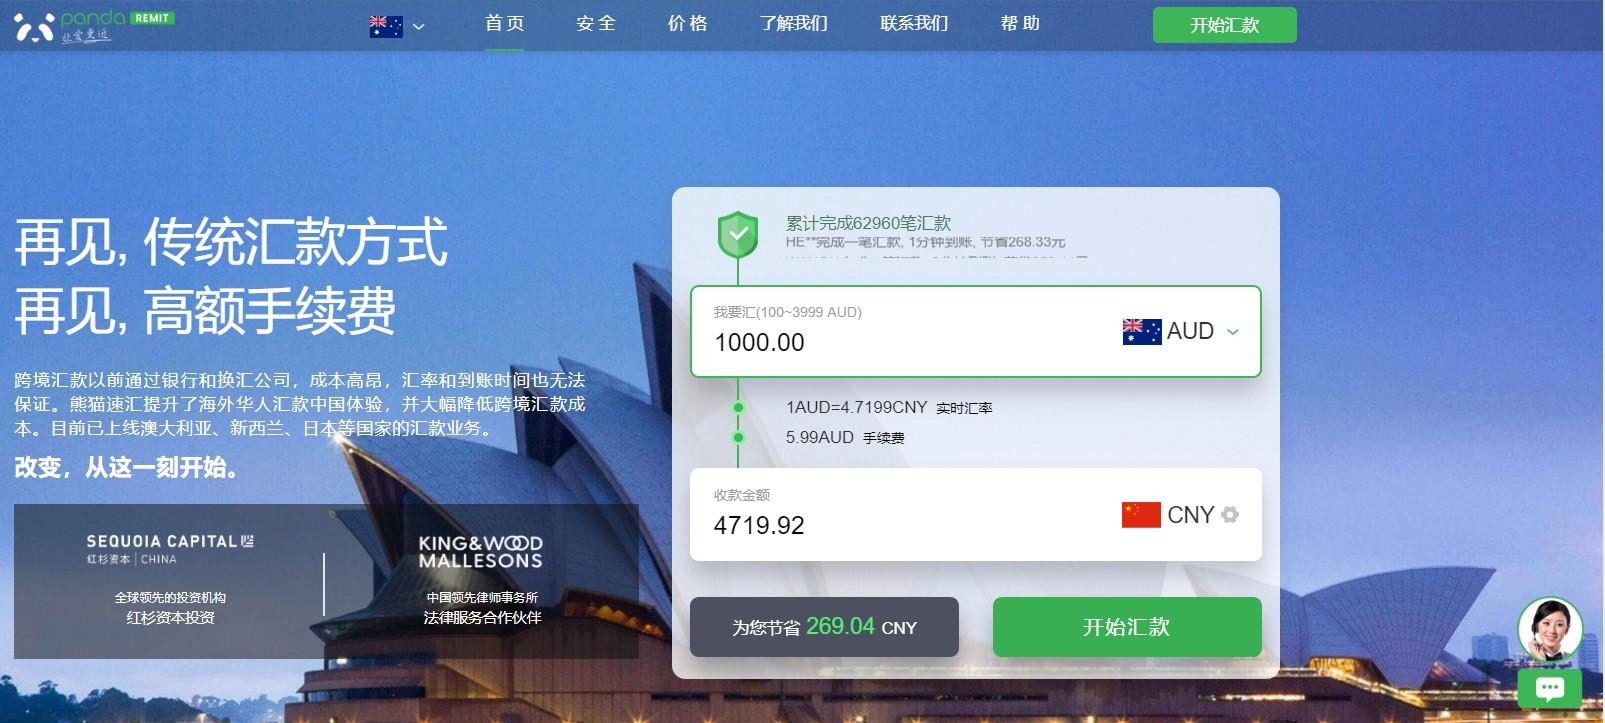 【澳洲悉尼护照办理】在澳洲悉尼,如何办理护照? - 熊猫速汇界面|熊猫速汇 PandaRemit